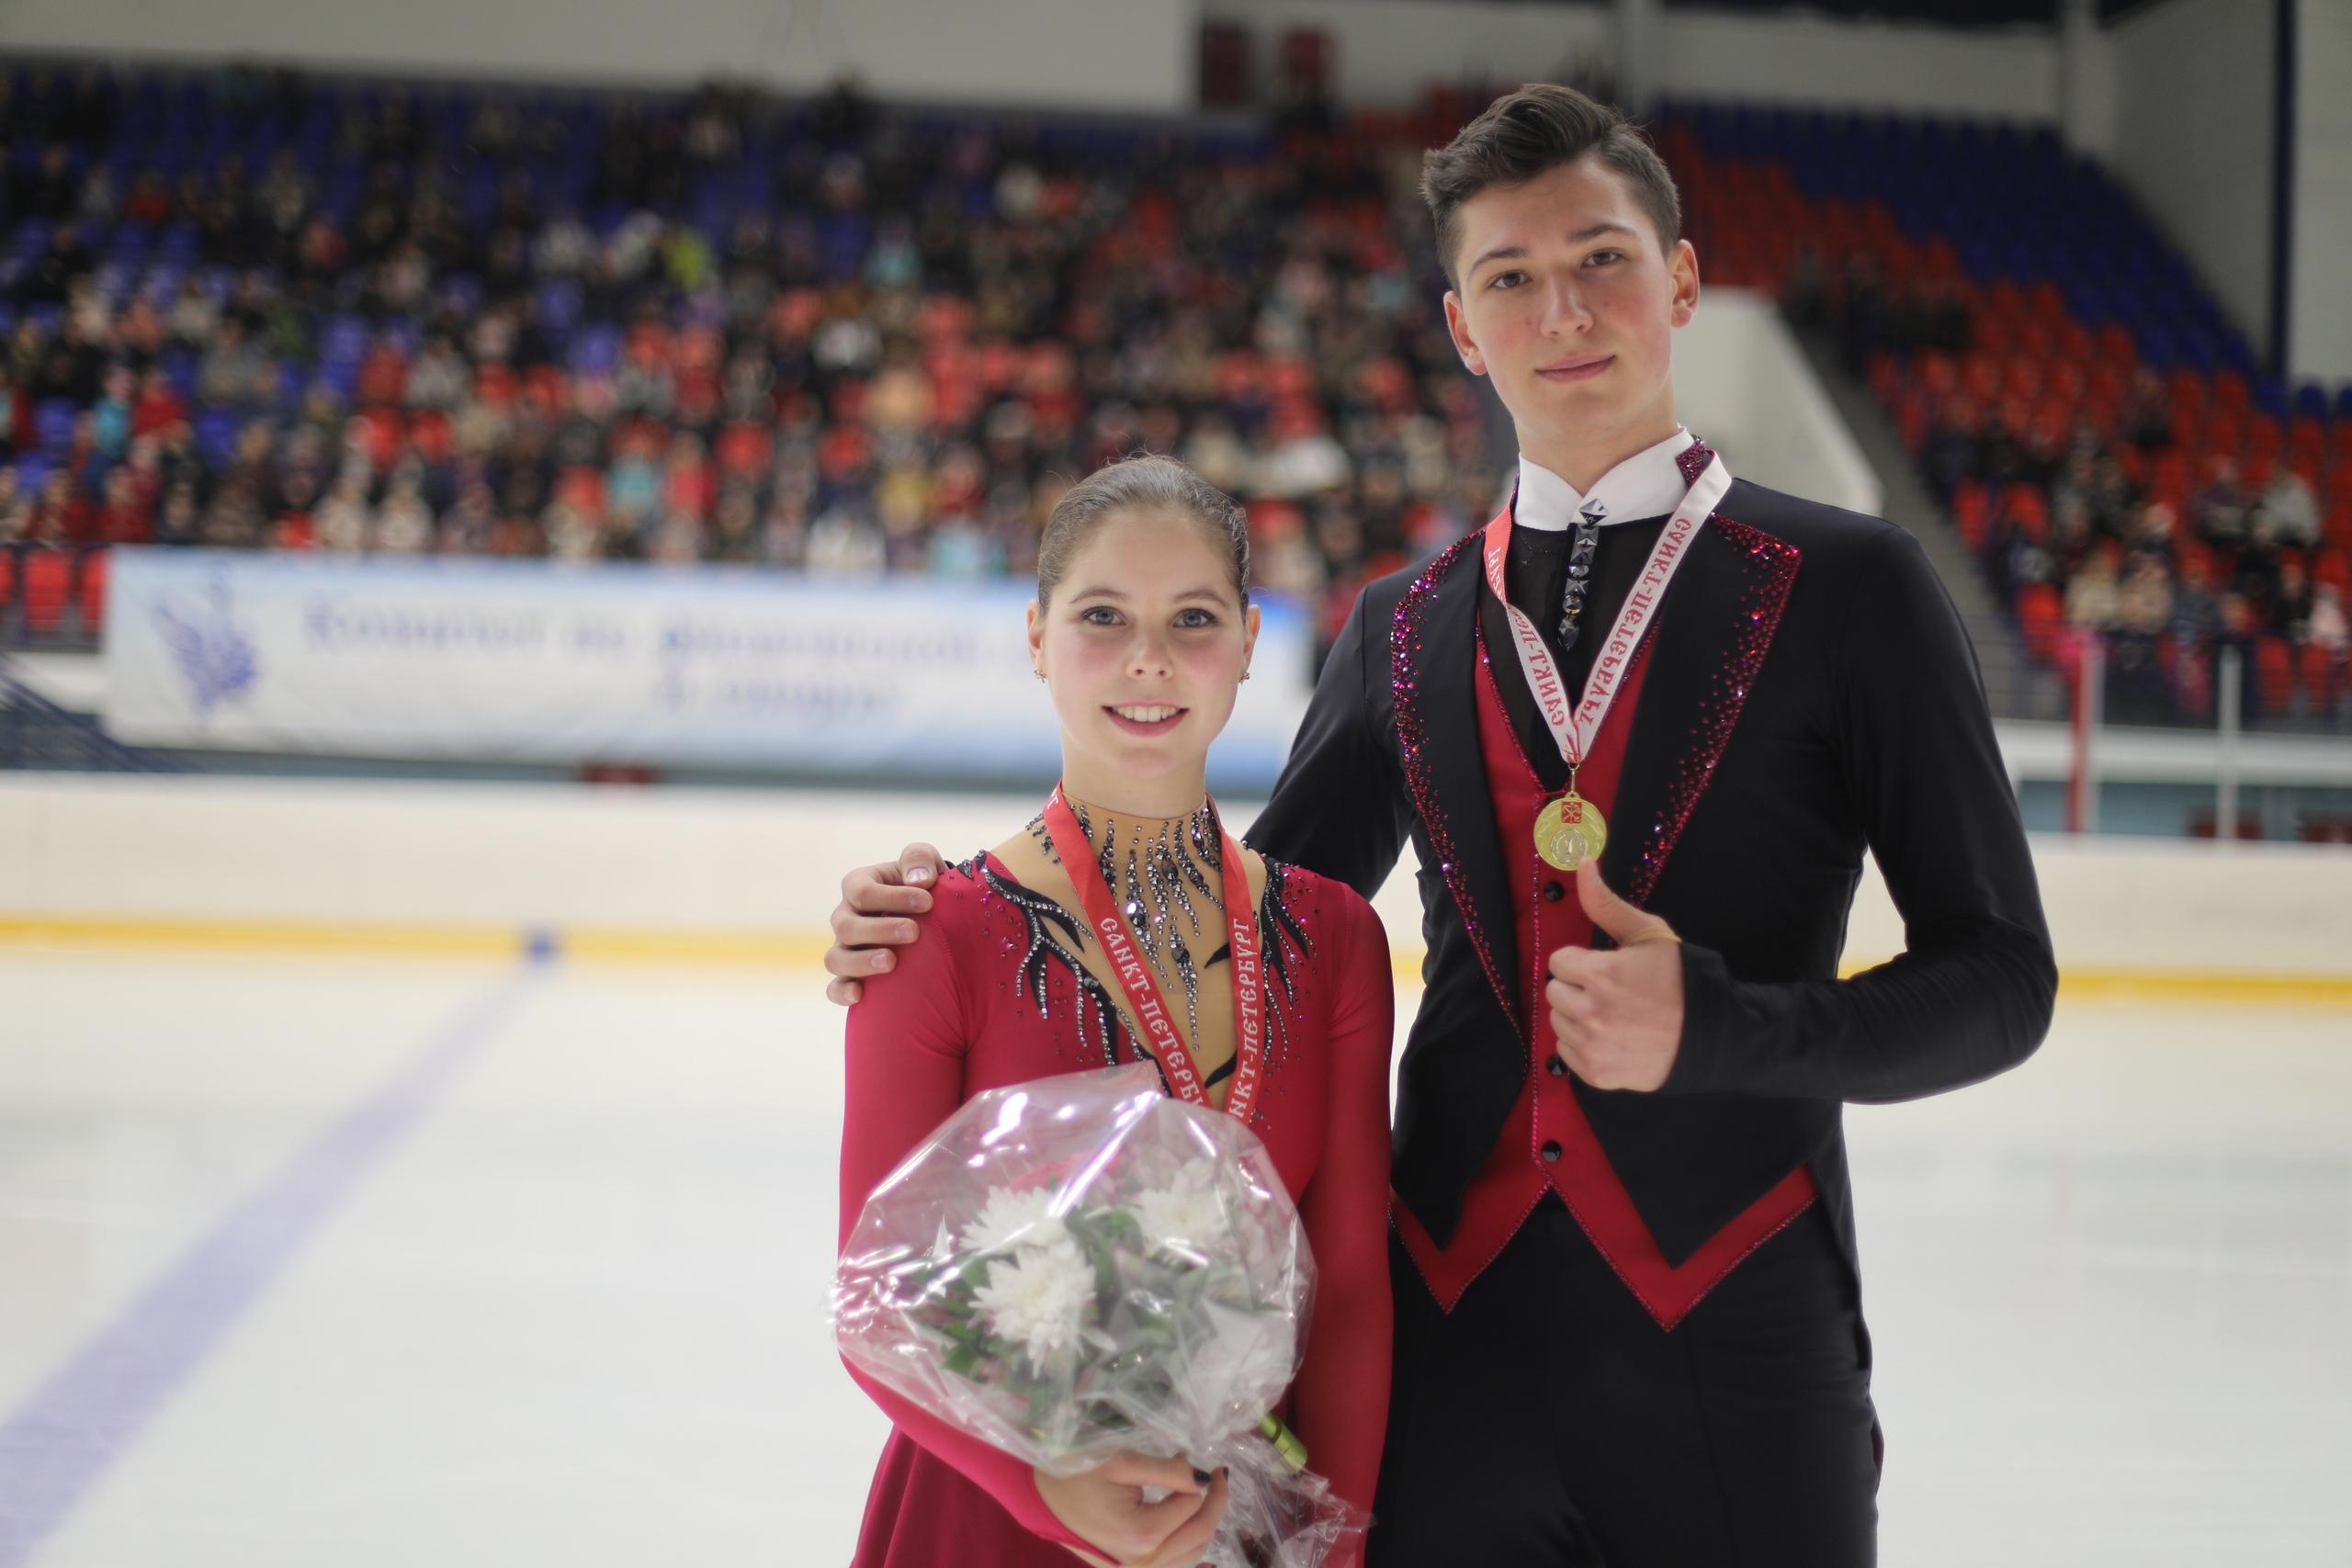 Российские соревнования сезона 2018-2019 (общая) - Страница 11 PKWJA2C9ROY